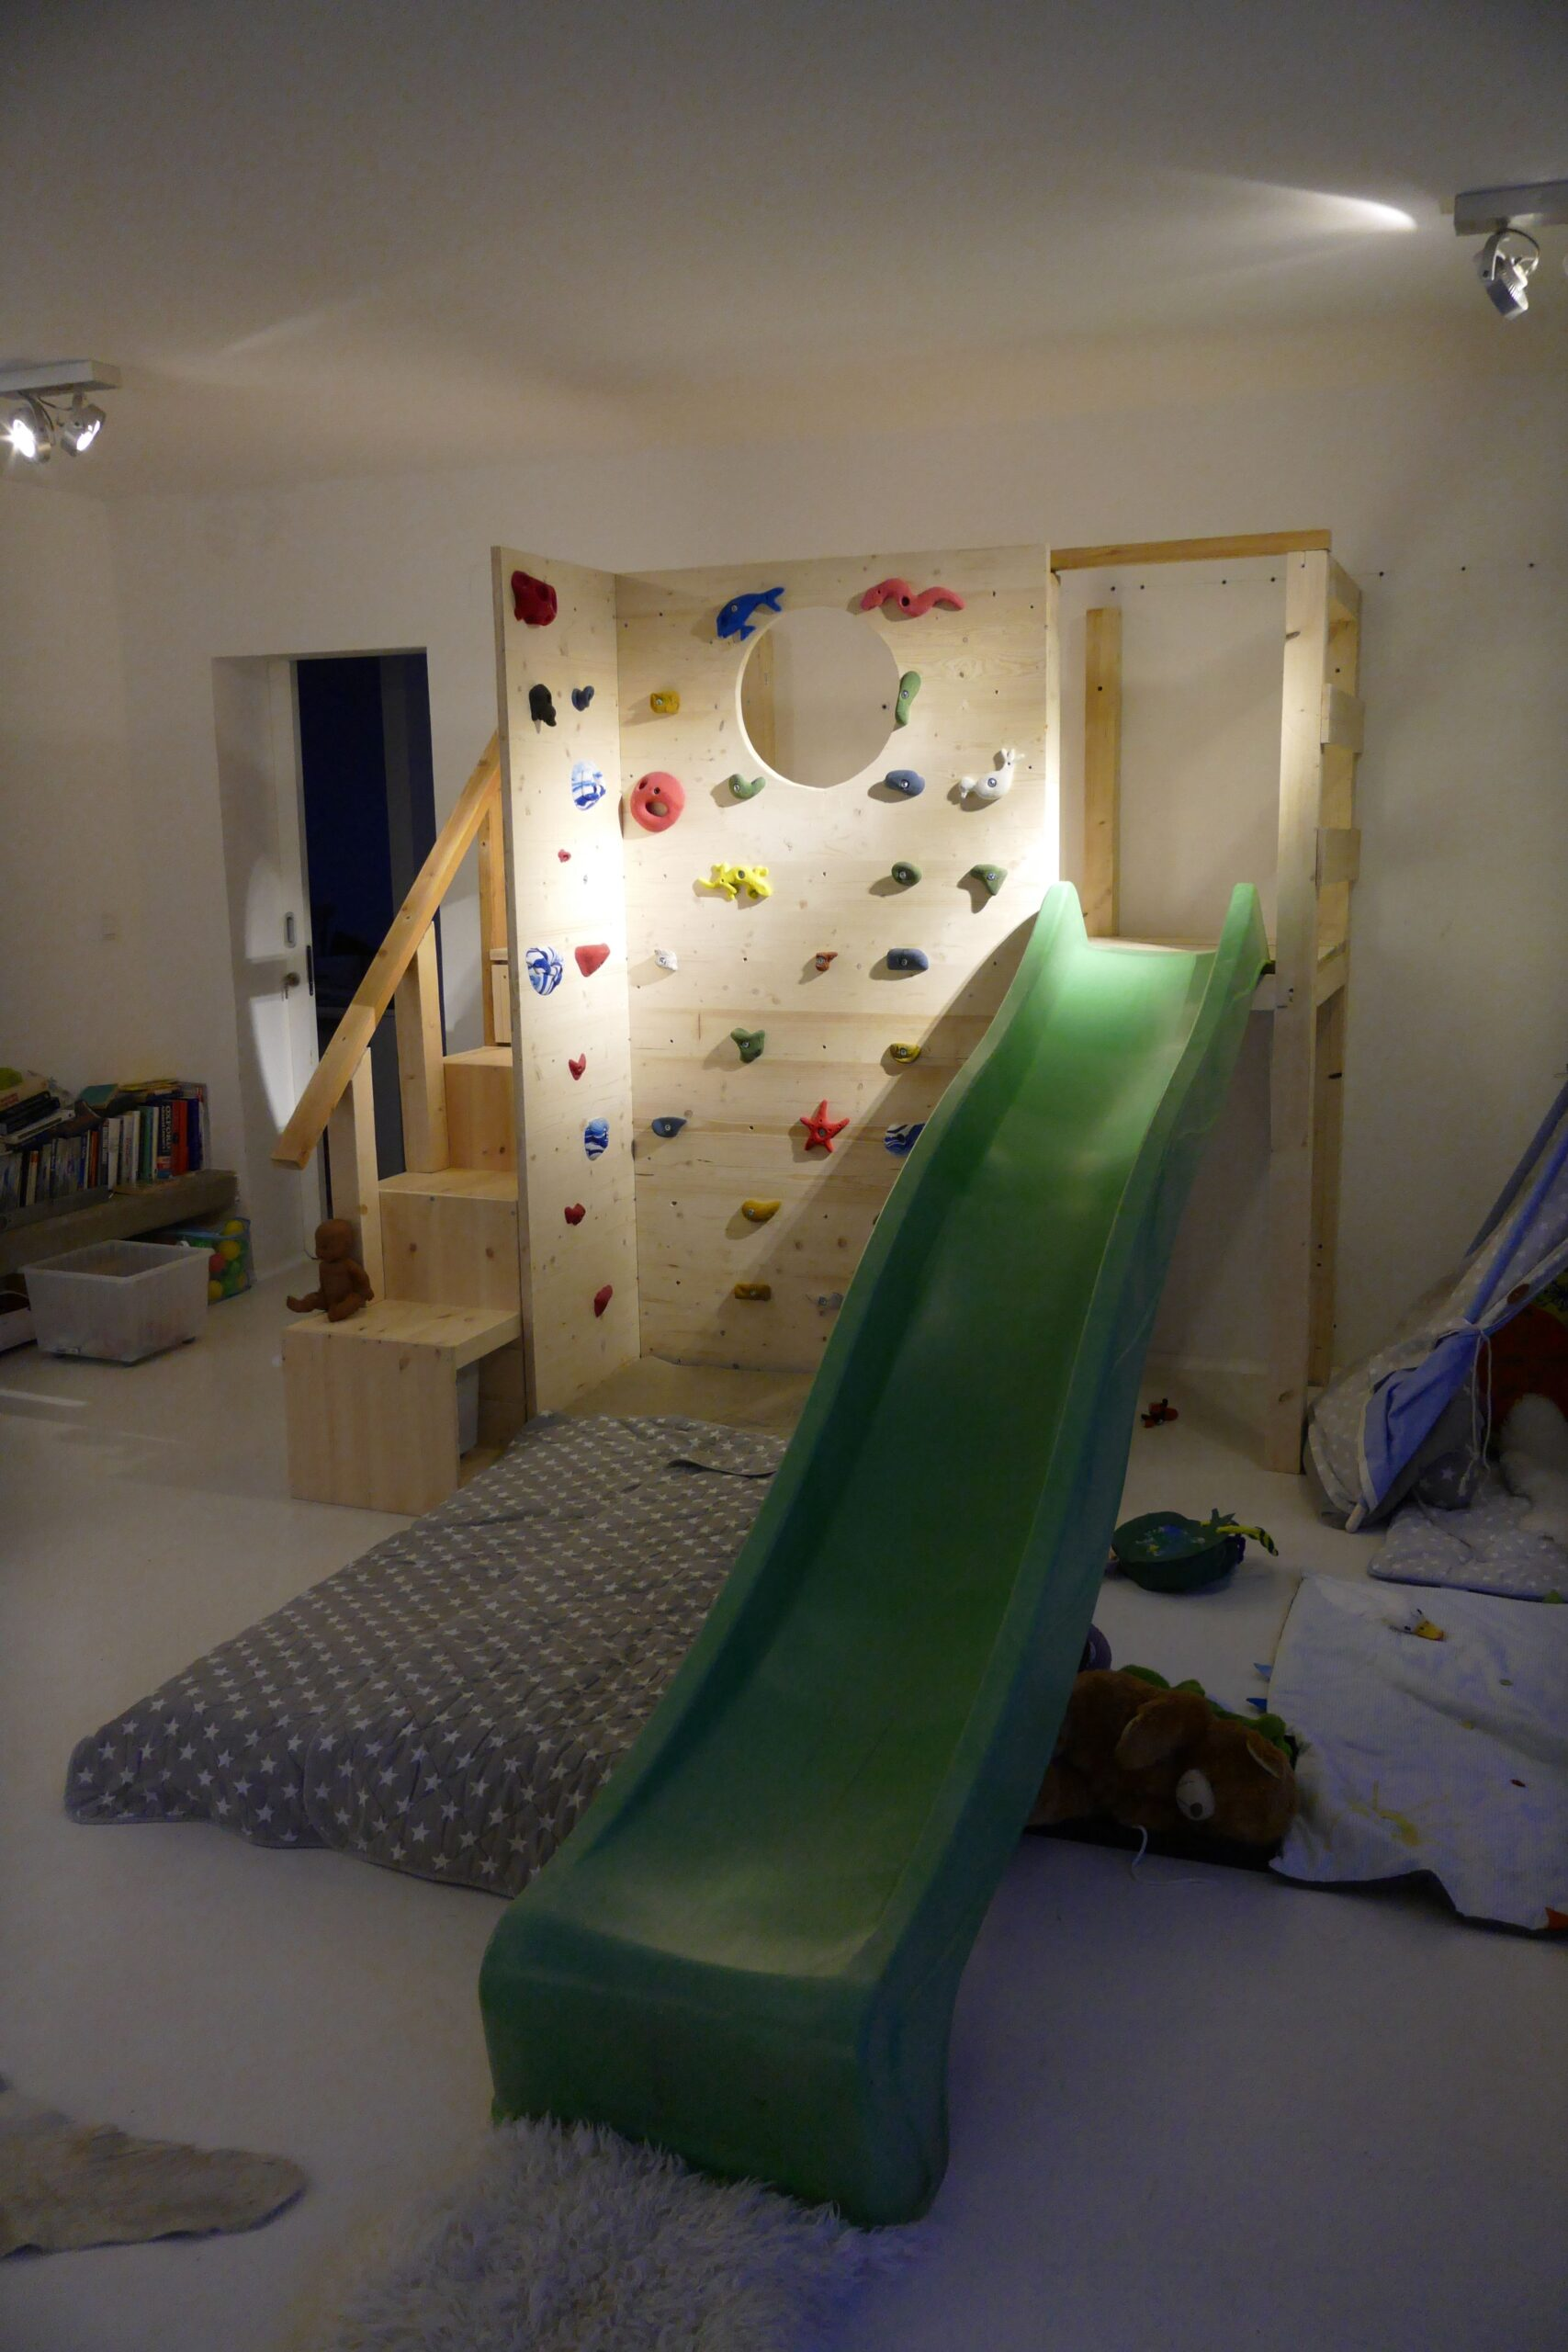 Full Size of Klettergerüst Indoor Diy Ikea Trofast Regal Mit Einer Kletterwand Und Rutsche Verbunden Garten Wohnzimmer Klettergerüst Indoor Diy